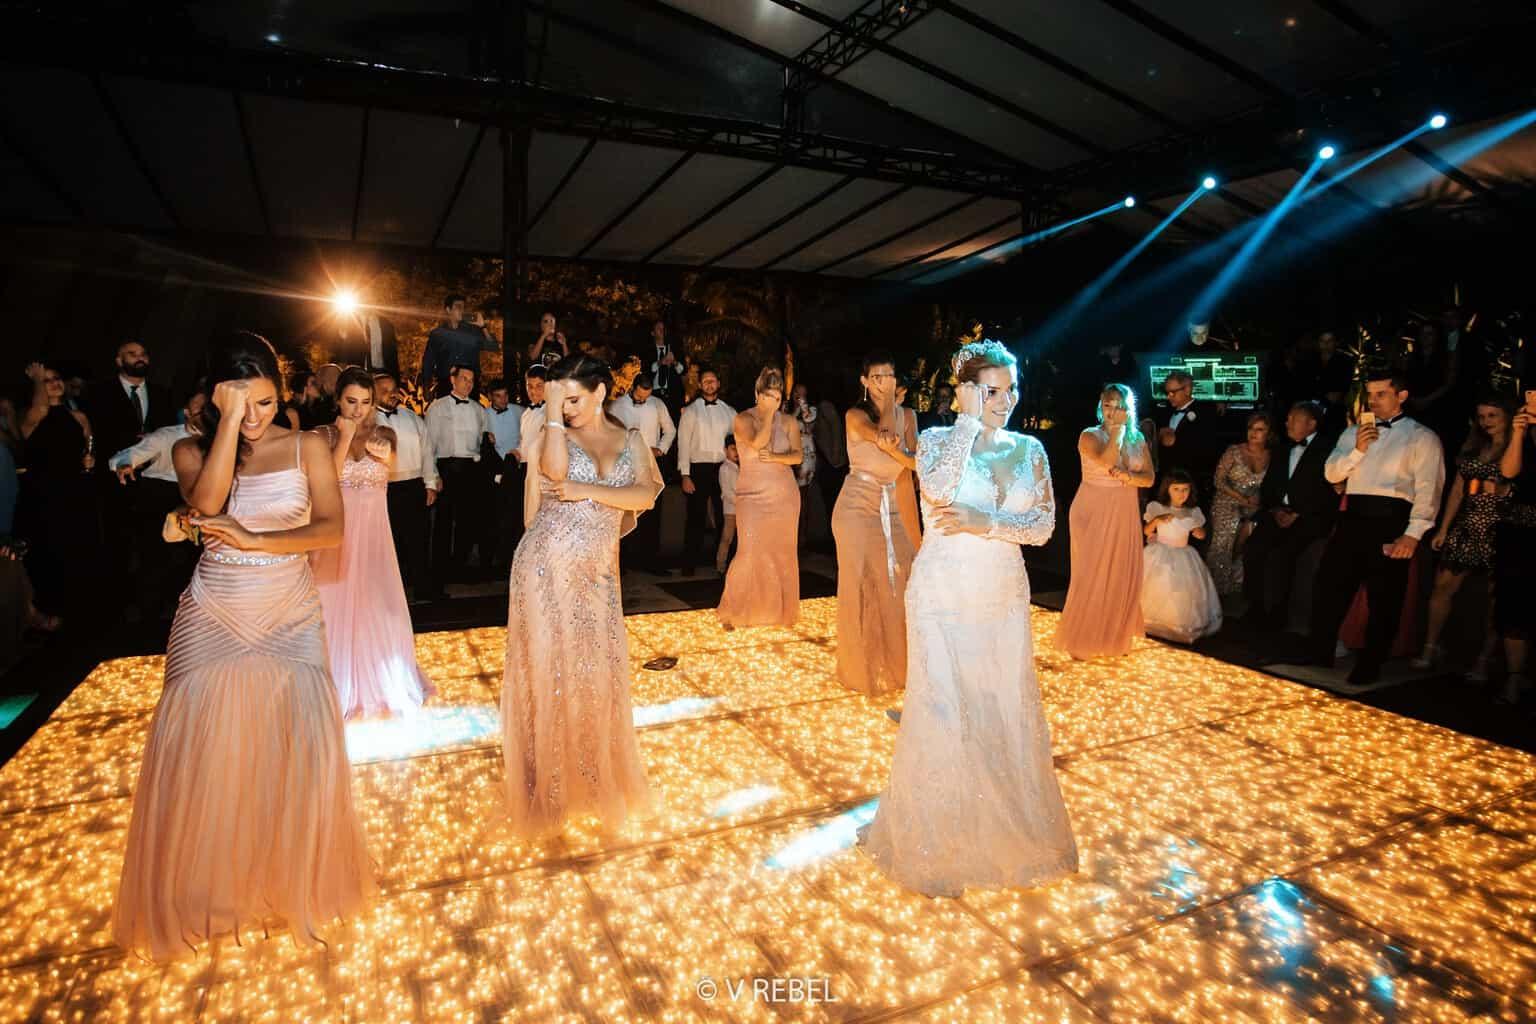 casamento-Caroline-e-Breno-casamento-clássico-coreografia-fotografia-VRebel-pista95